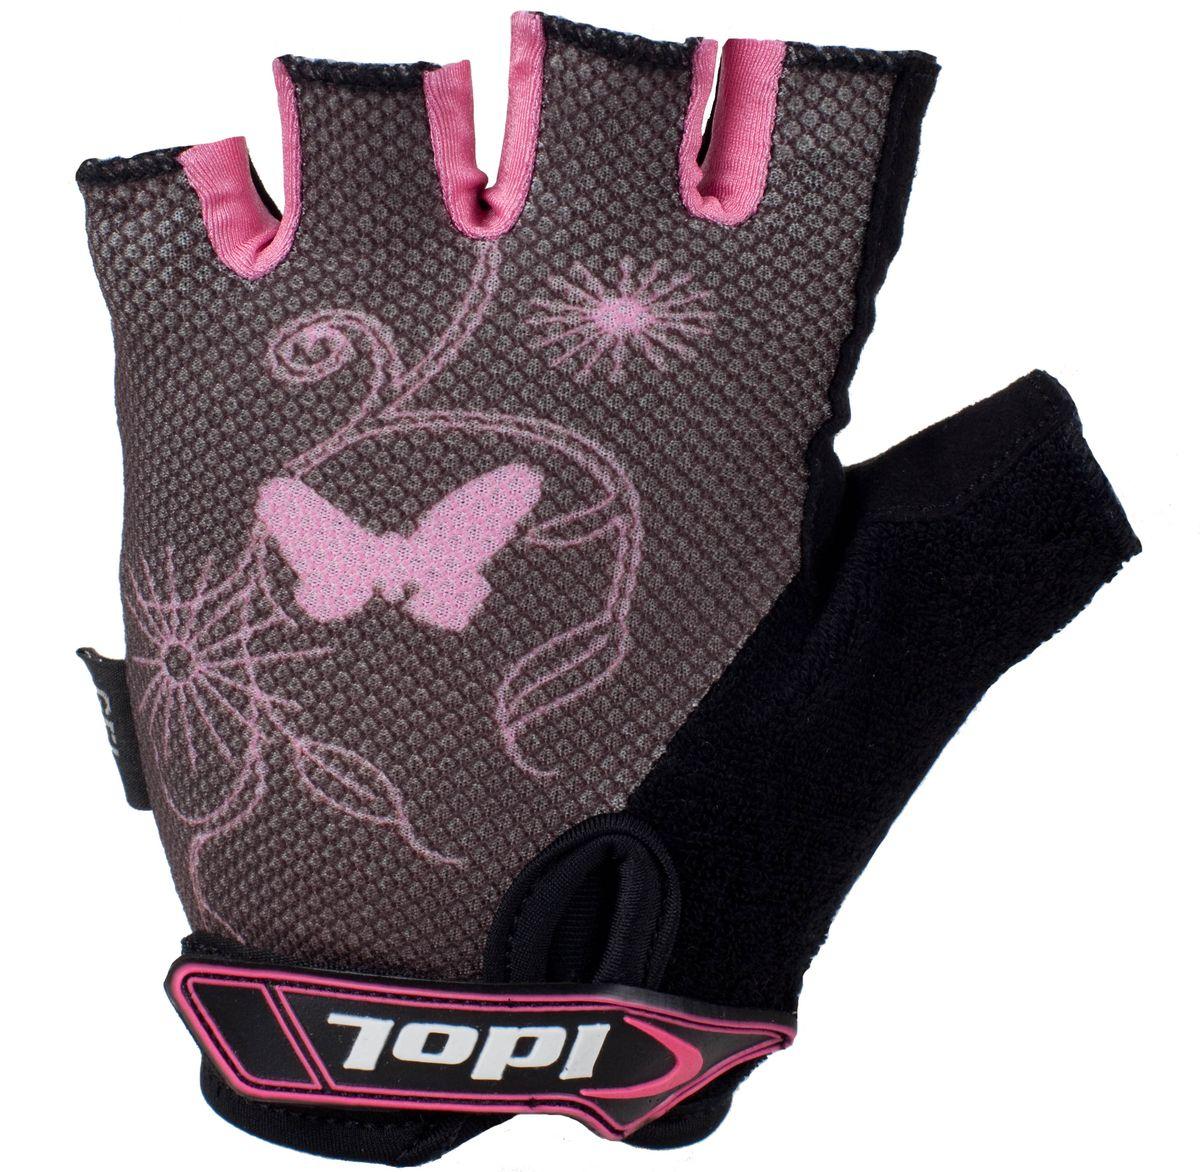 Перчатки велосипедные женские Idol, цвет: черный, розовый. 878. Размер L878Женские велосипедные перчатки без пальцев Idol предназначены для тех, кто занимается велоспортом, велотуризмом или просто катается на велосипеде. Рабочая поверхность велоперчаток выполнена из плотного сетчатого материала, а верхняя часть - из лайкры, хорошо отводящей влагу и, благодаря своей упругости, плотно сидящей на руке. На запястьях перчатки фиксируются прочными липучками. Для удобства снятия каждая перчатка оснащена двумя небольшими петельками.Высокое качество, технически совершенные материалы, оригинальный стильный дизайн, функциональность и долговечность выделяют велоперчатки Idol среди прочих.Гид по велоаксессуарам. Статья OZON Гид